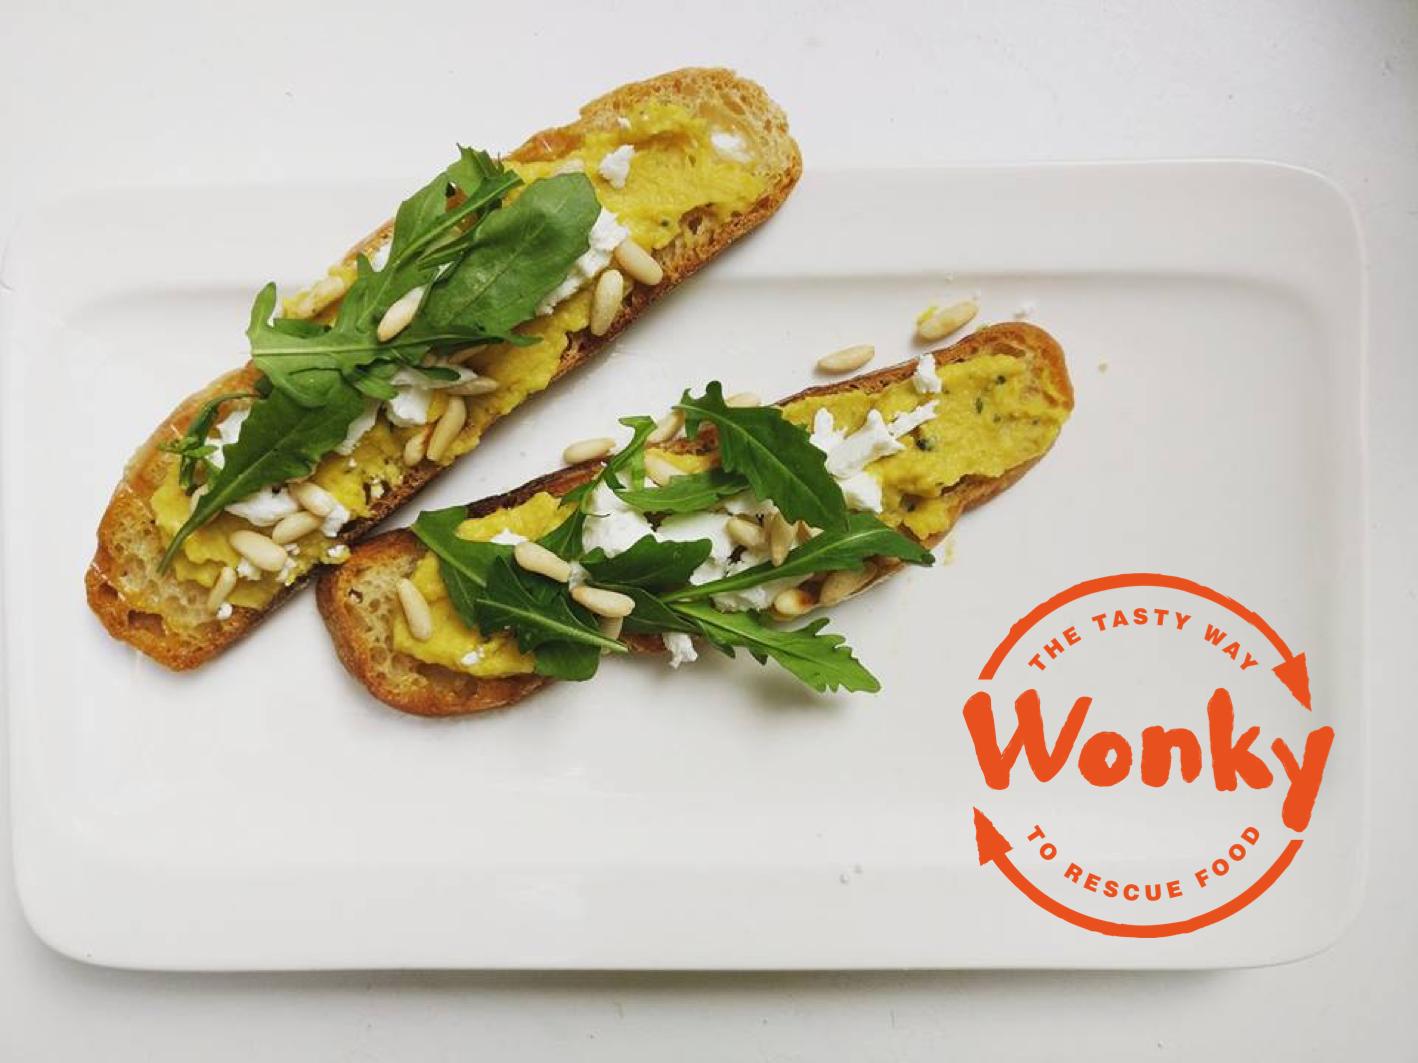 Foto van de Wonky toast met Wonky worteldip, geitenkaas, rucola en pijnboompitten